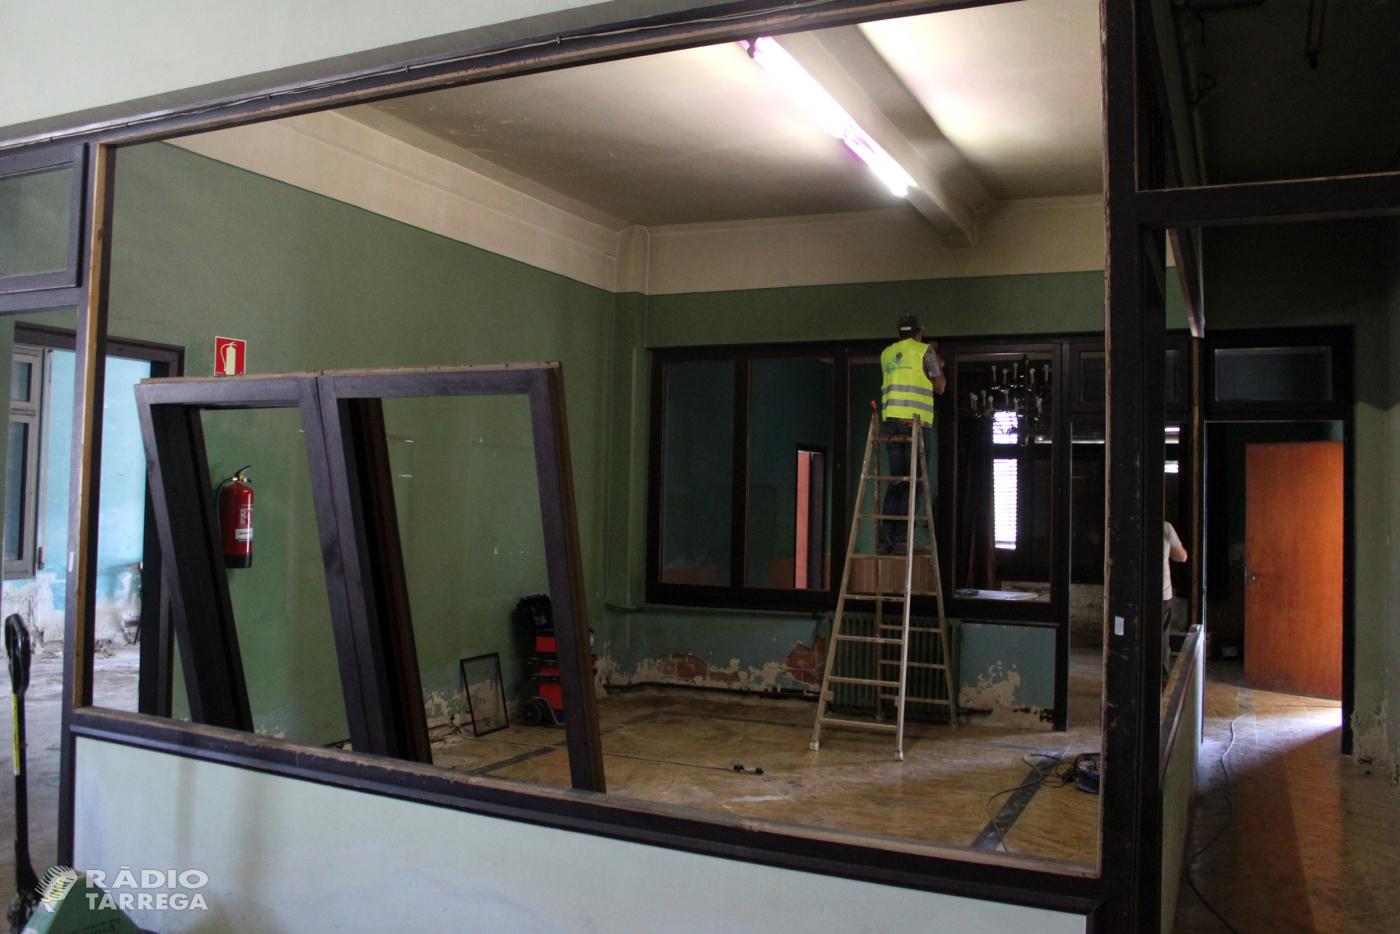 Comencen les obres de rehabilitació de l'antic edifici comercial i residencial de Cal Trepat de Tàrrega